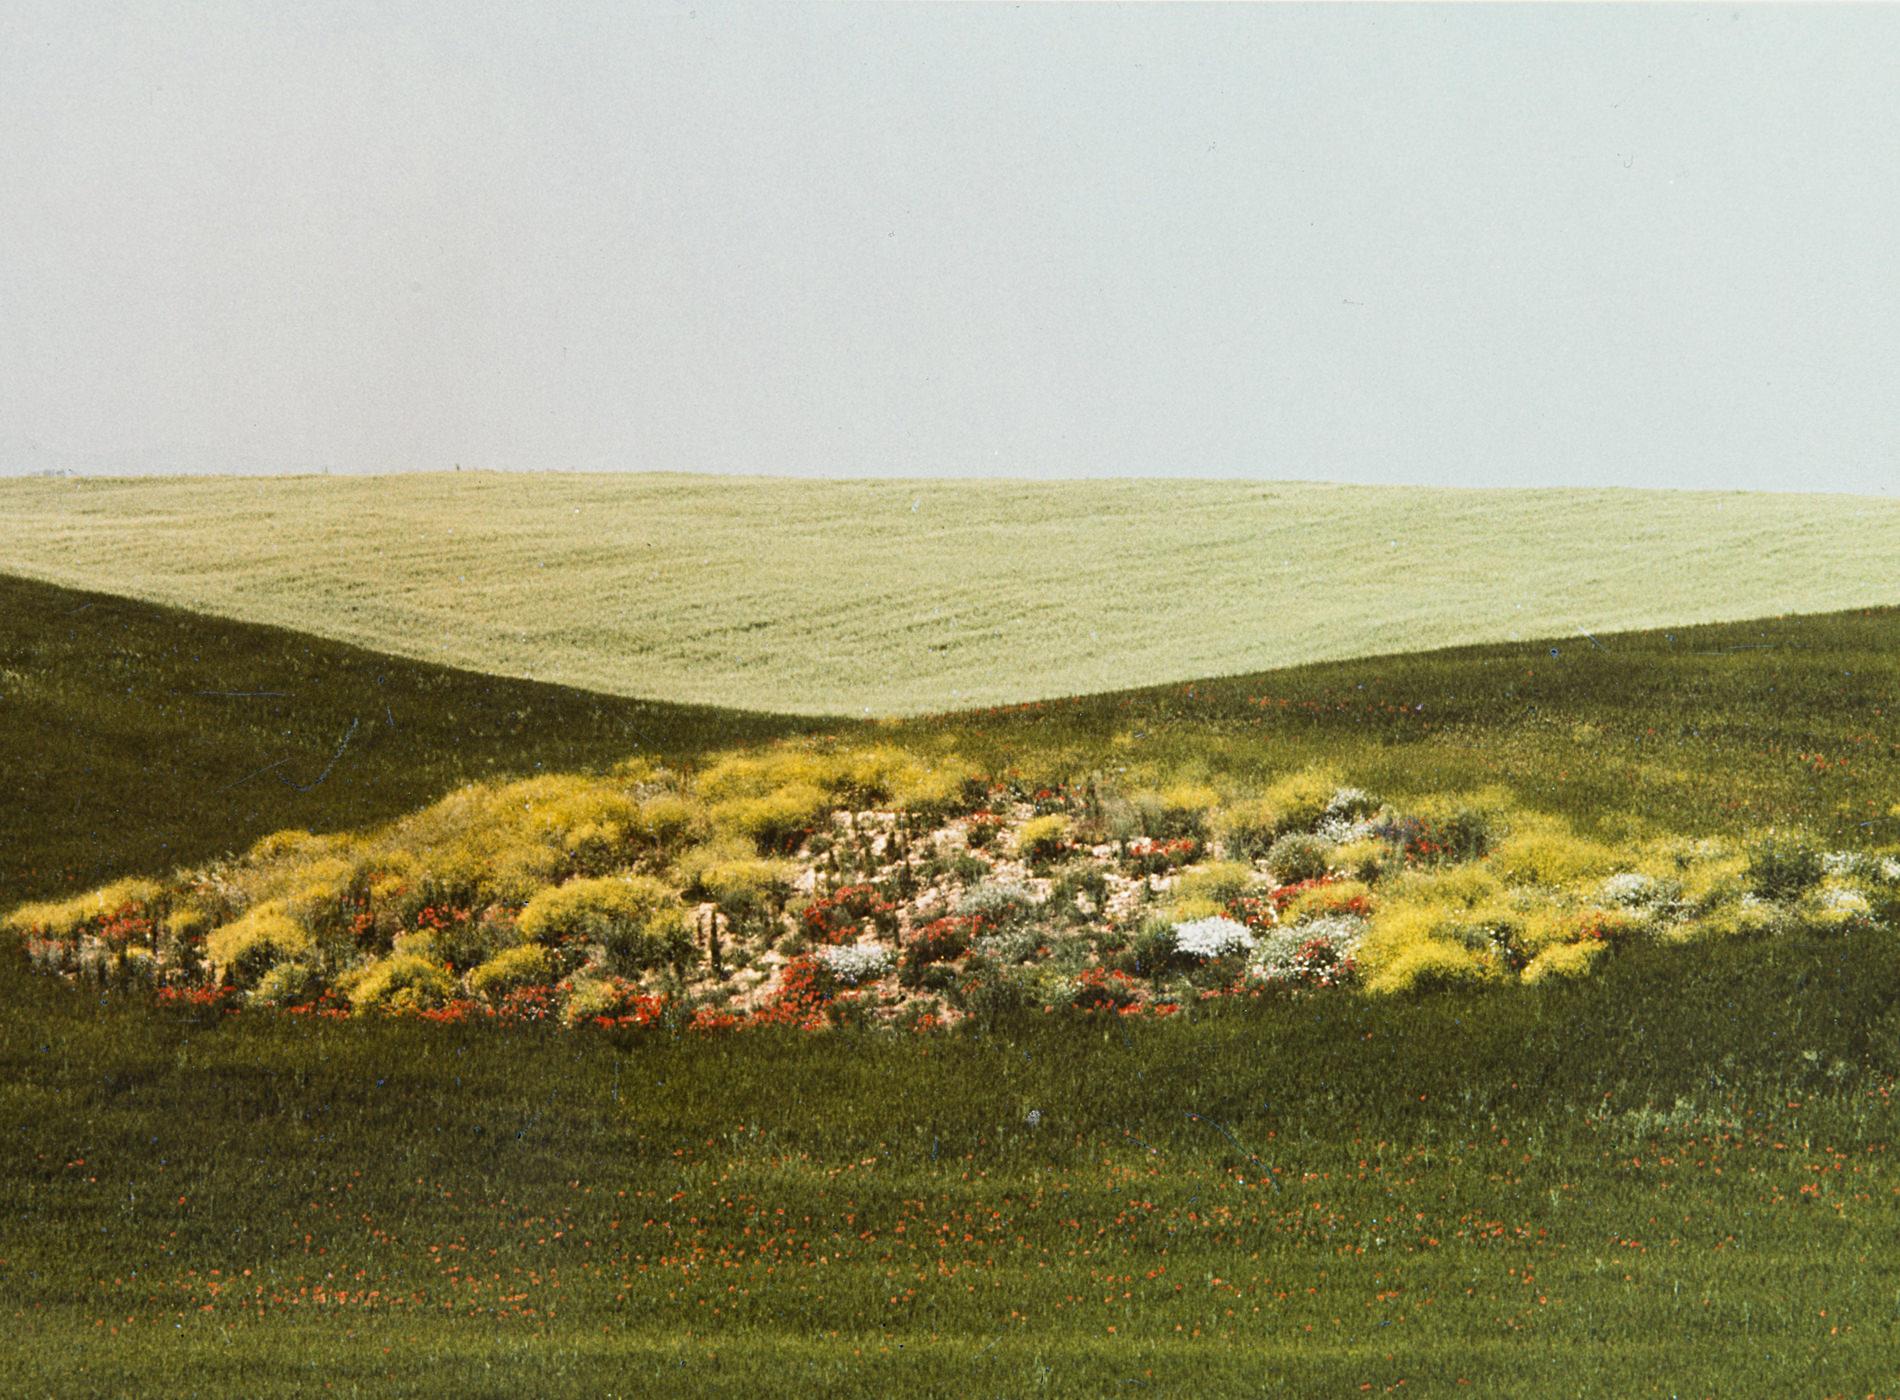 Franco Fontana Photographie Paesaggio 1975